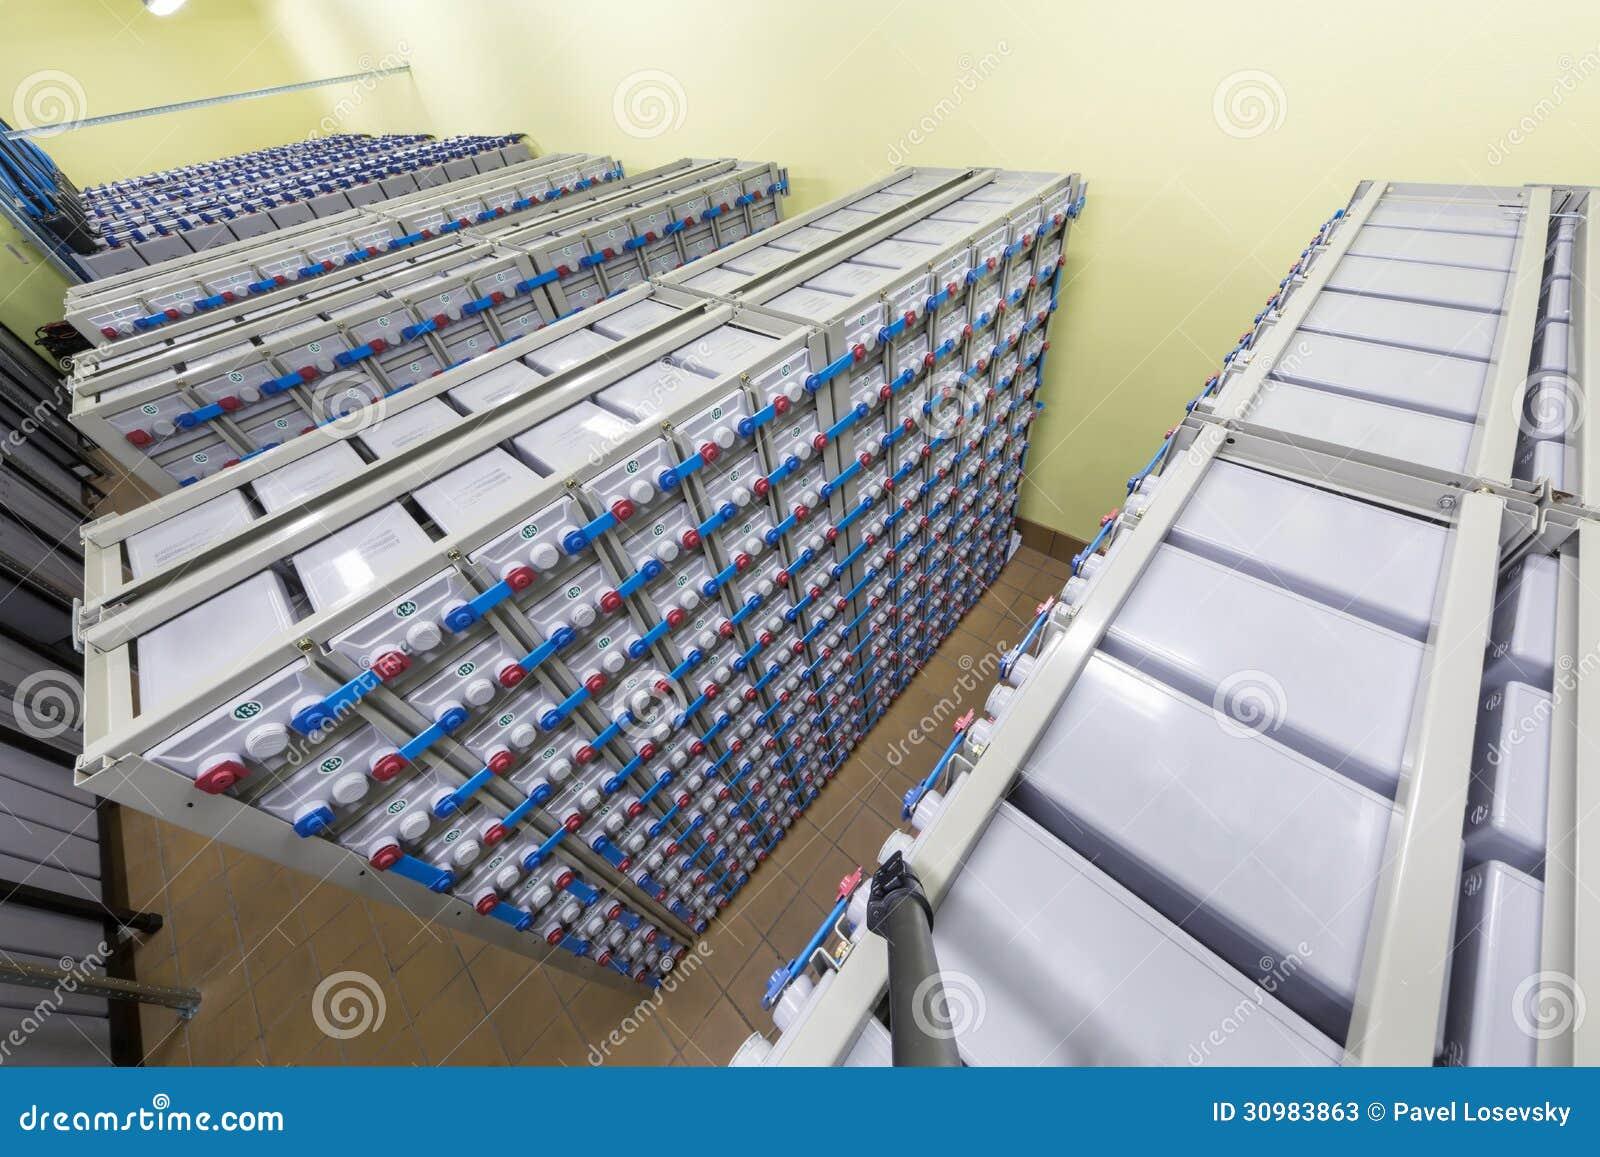 Μπαταρίες στο βιομηχανικό εφεδρικό ηλεκτρικό σύστημα.